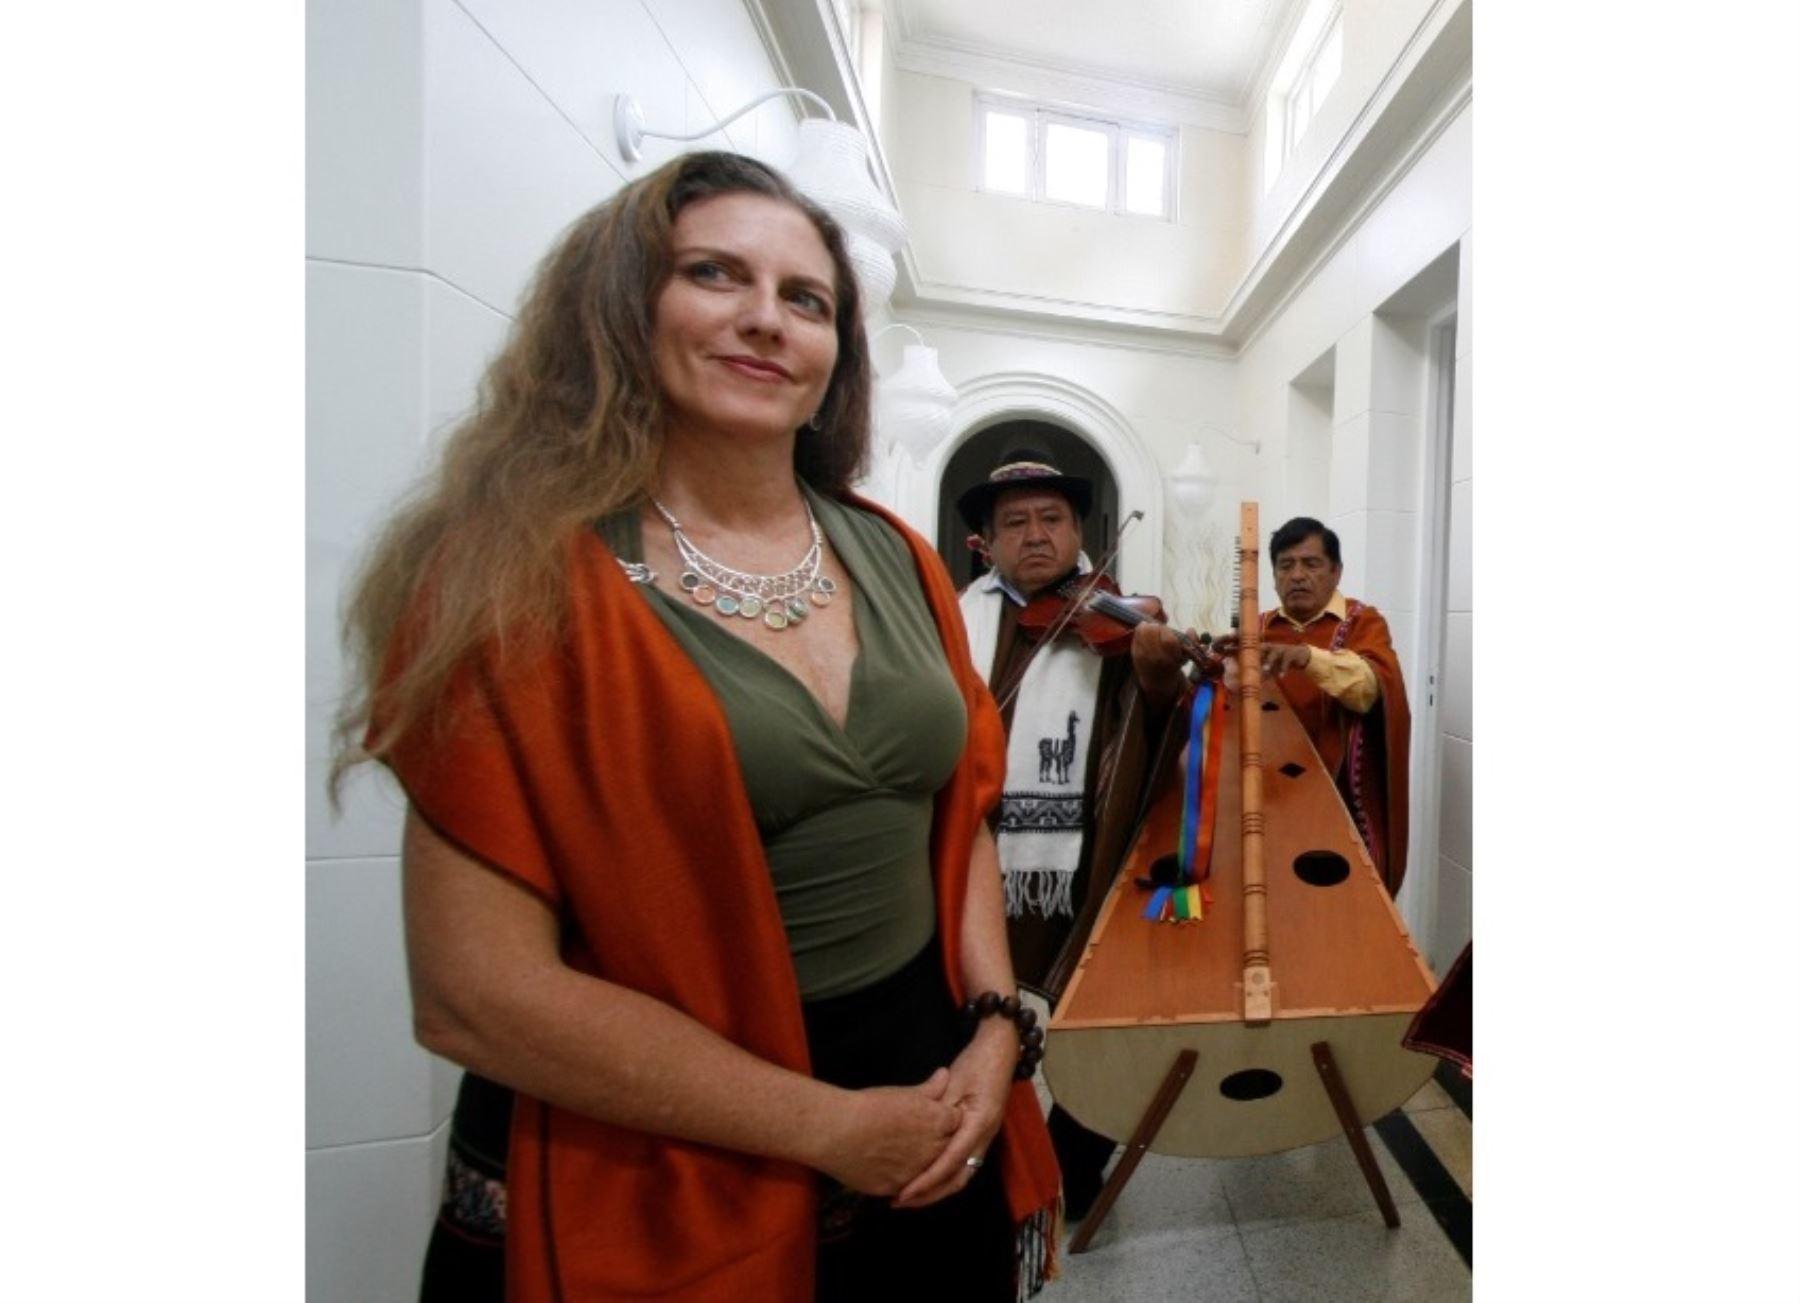 La cantante Pepita García Miró participará en concierto virtual en homenaje a la música ayacuchana.